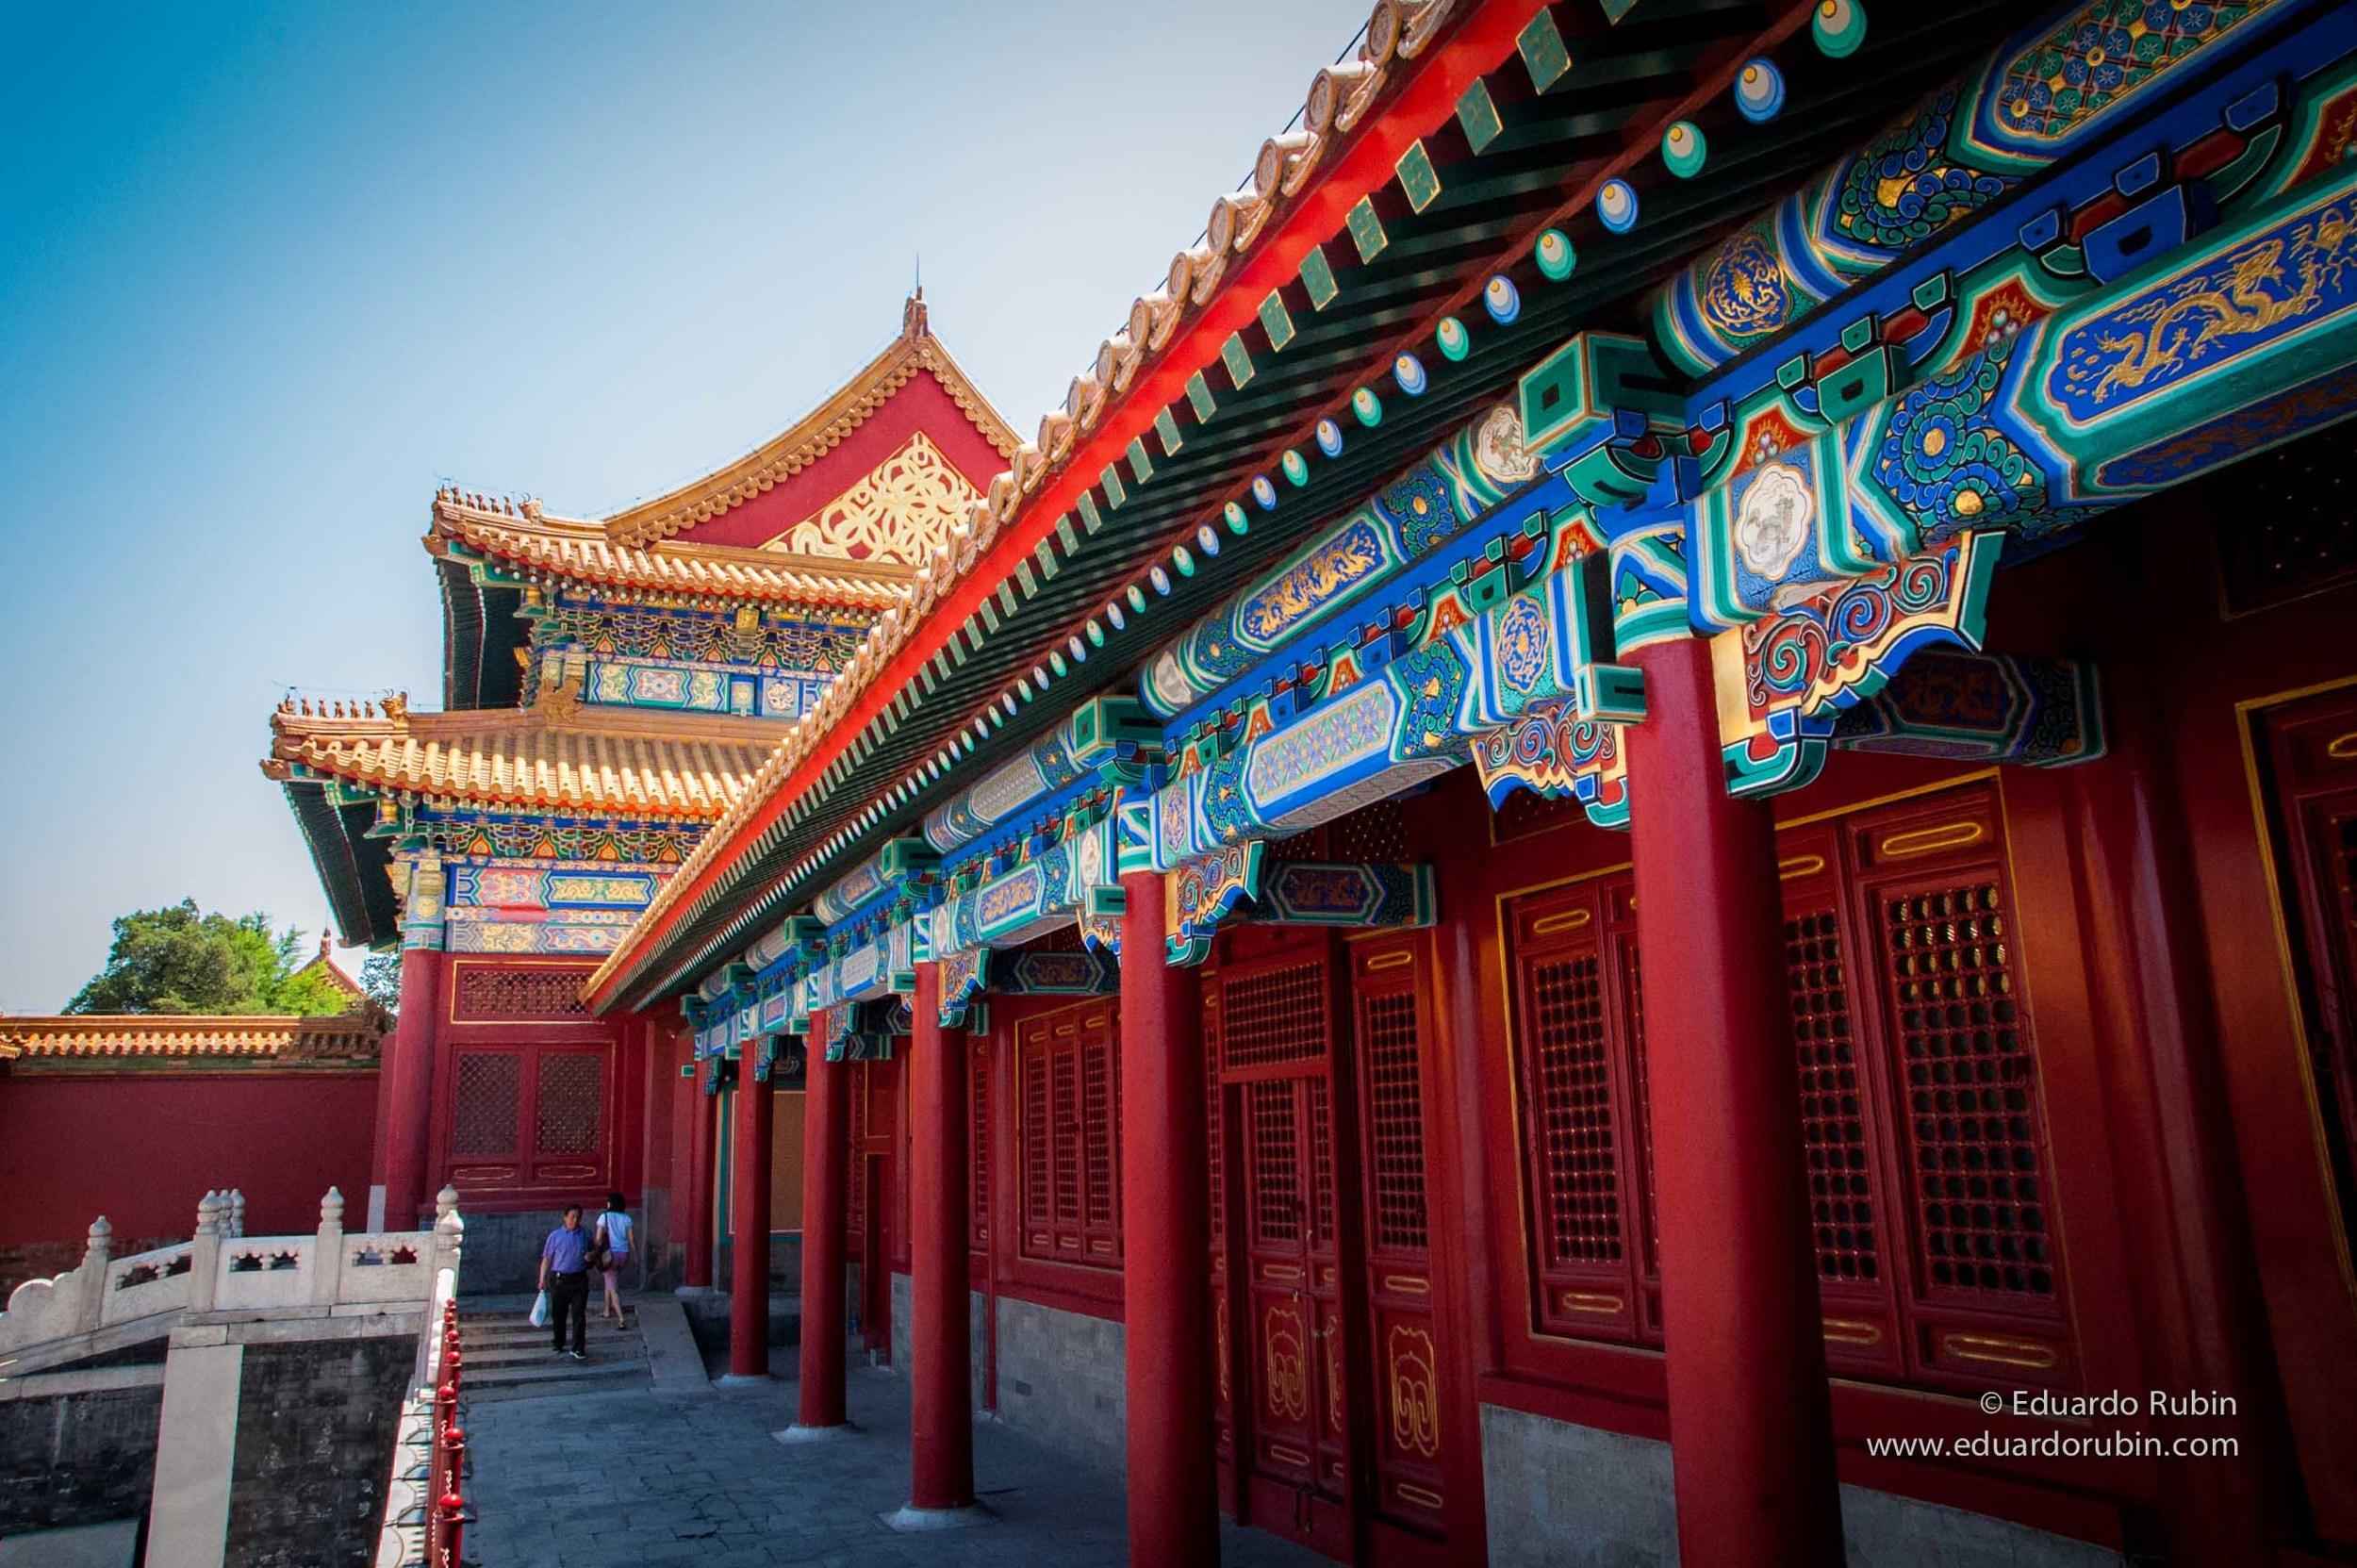 BeijingRubin-1.jpg